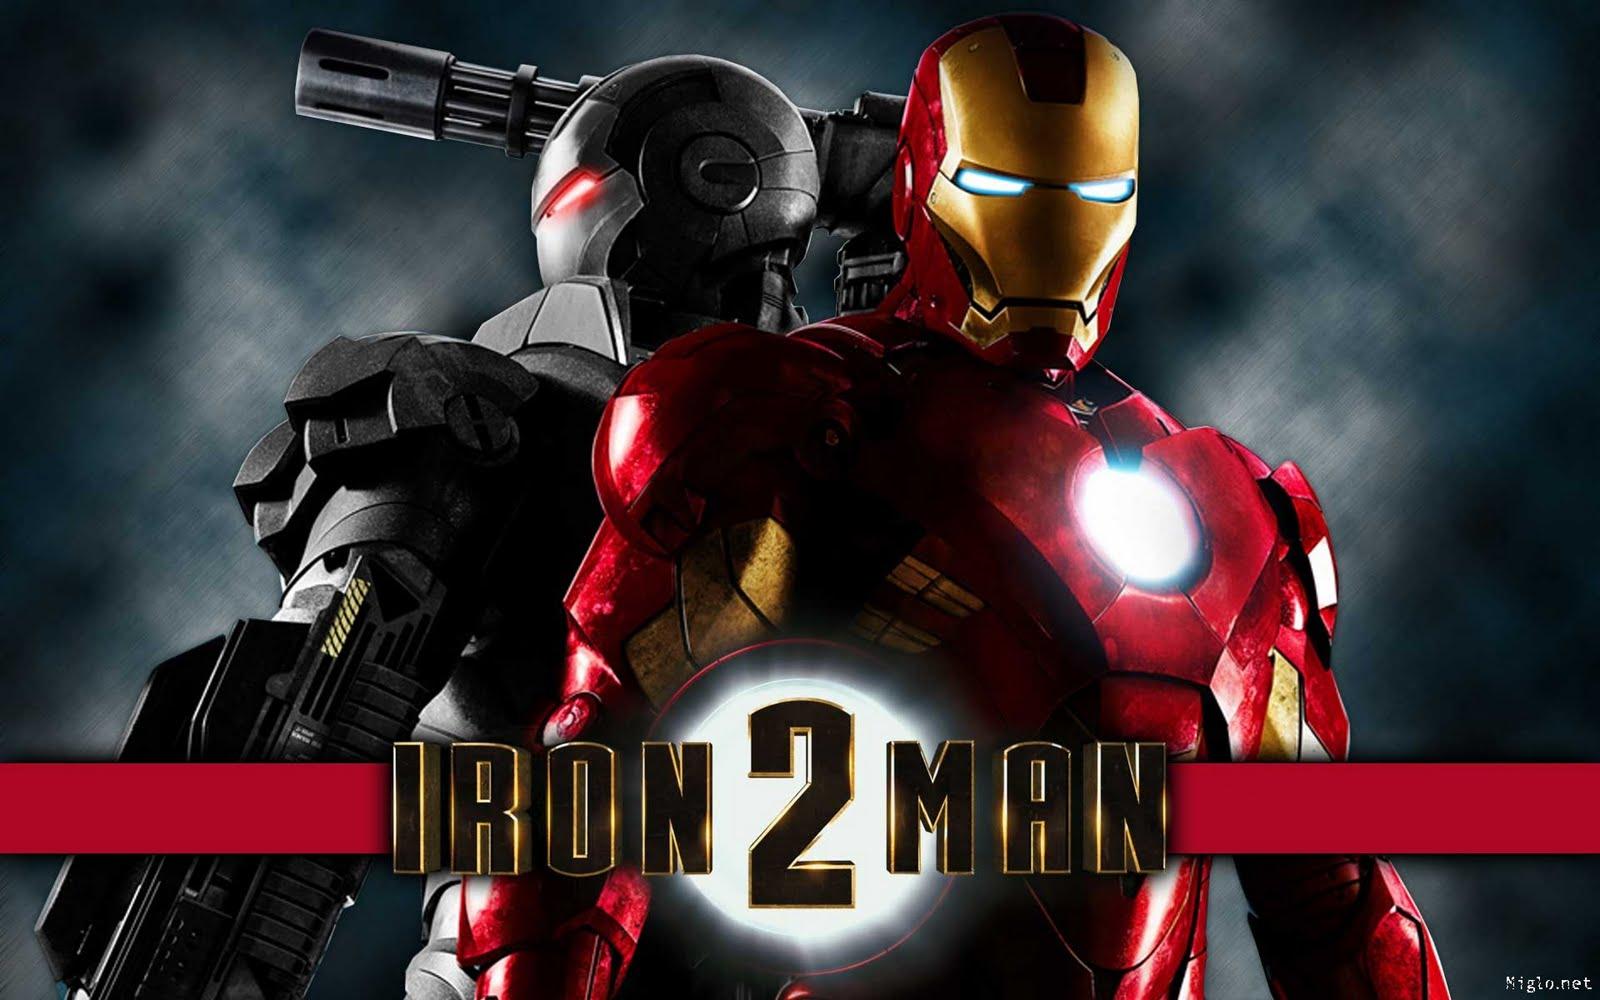 http://3.bp.blogspot.com/_V6TVDECge74/S-KFdgCscPI/AAAAAAAAAb4/CR7RhJzcl8M/s1600/telecharger-iron-man-2-wallpaper.jpg